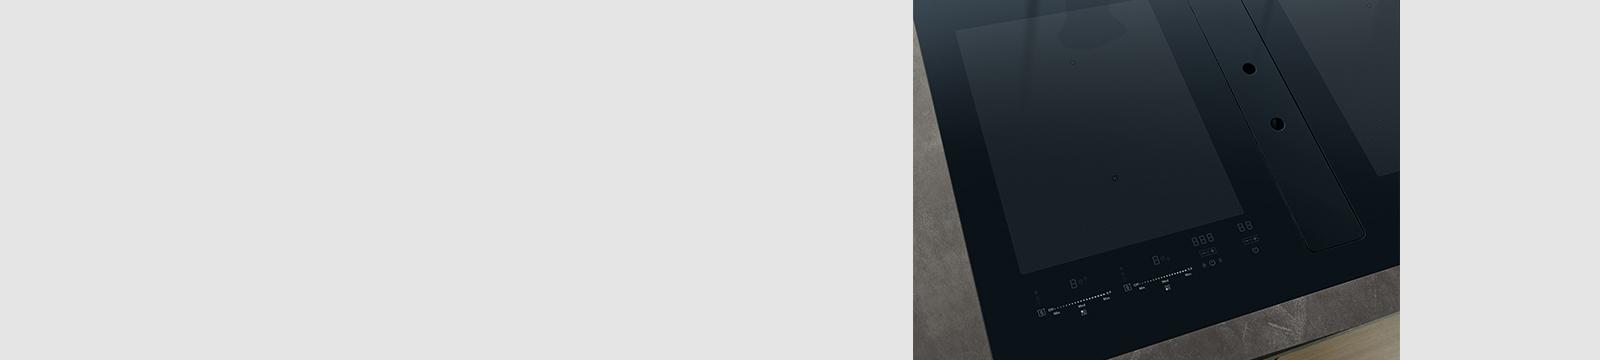 【特別訳あり特価】 和風ブラケット OB018163PC オーデリック 新着